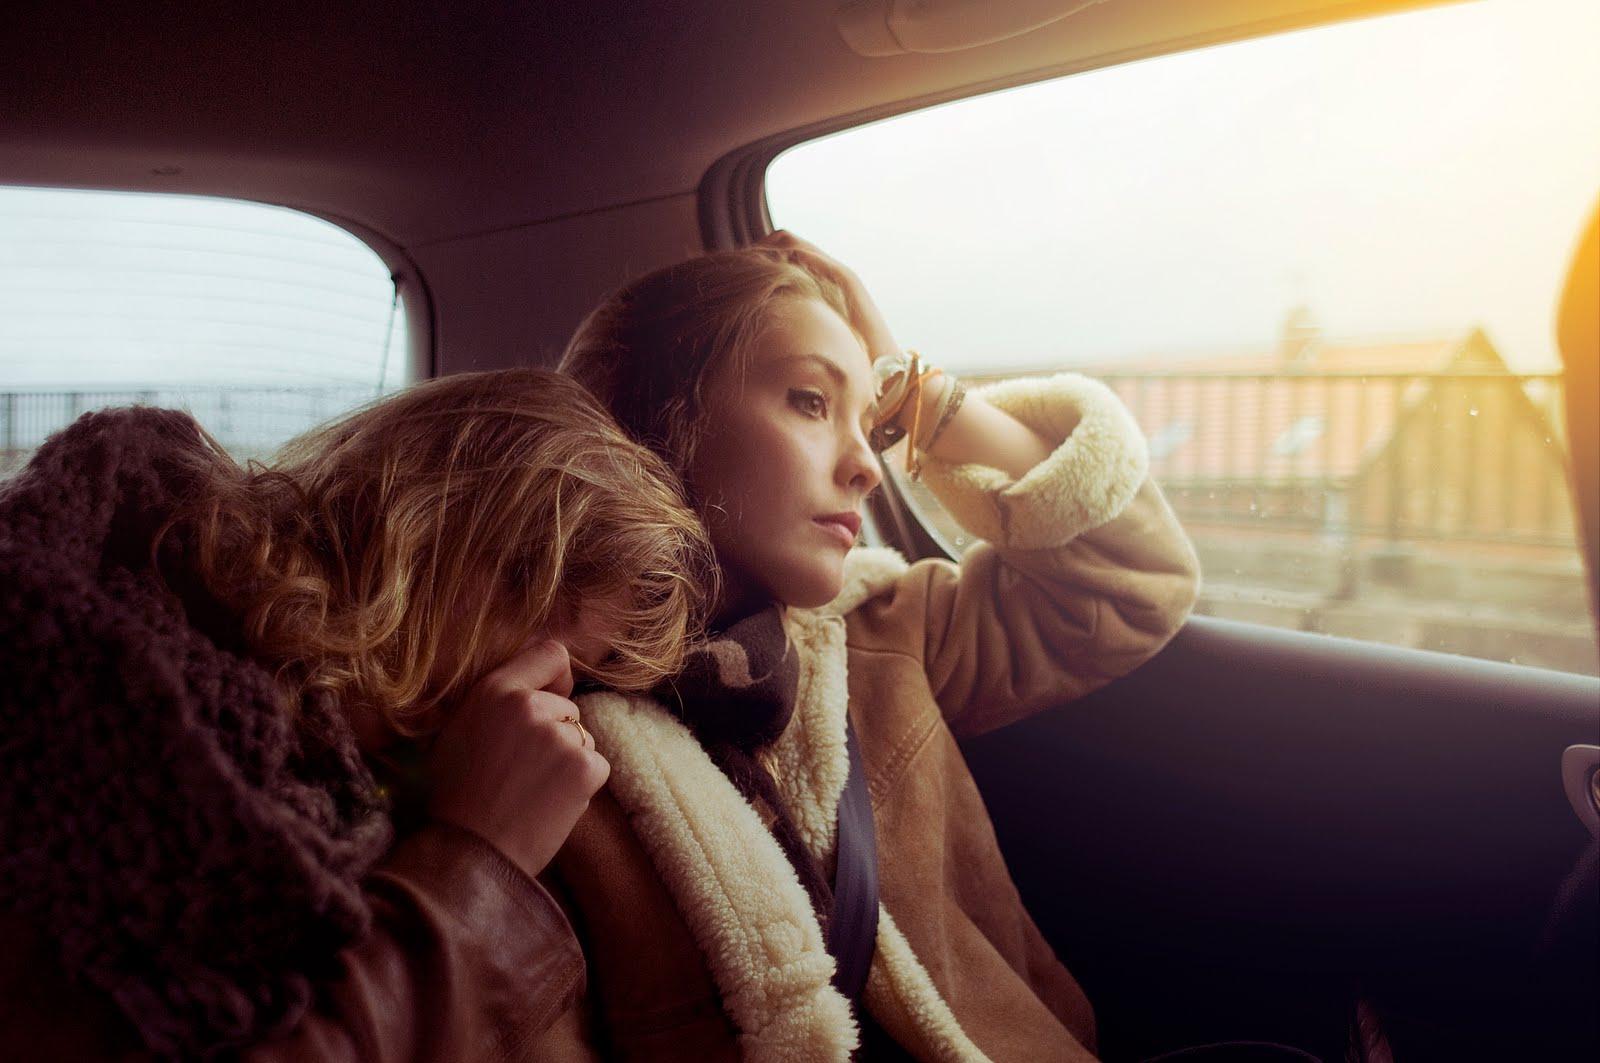 умолчанию настройках фото подруг в машине всего размещаются